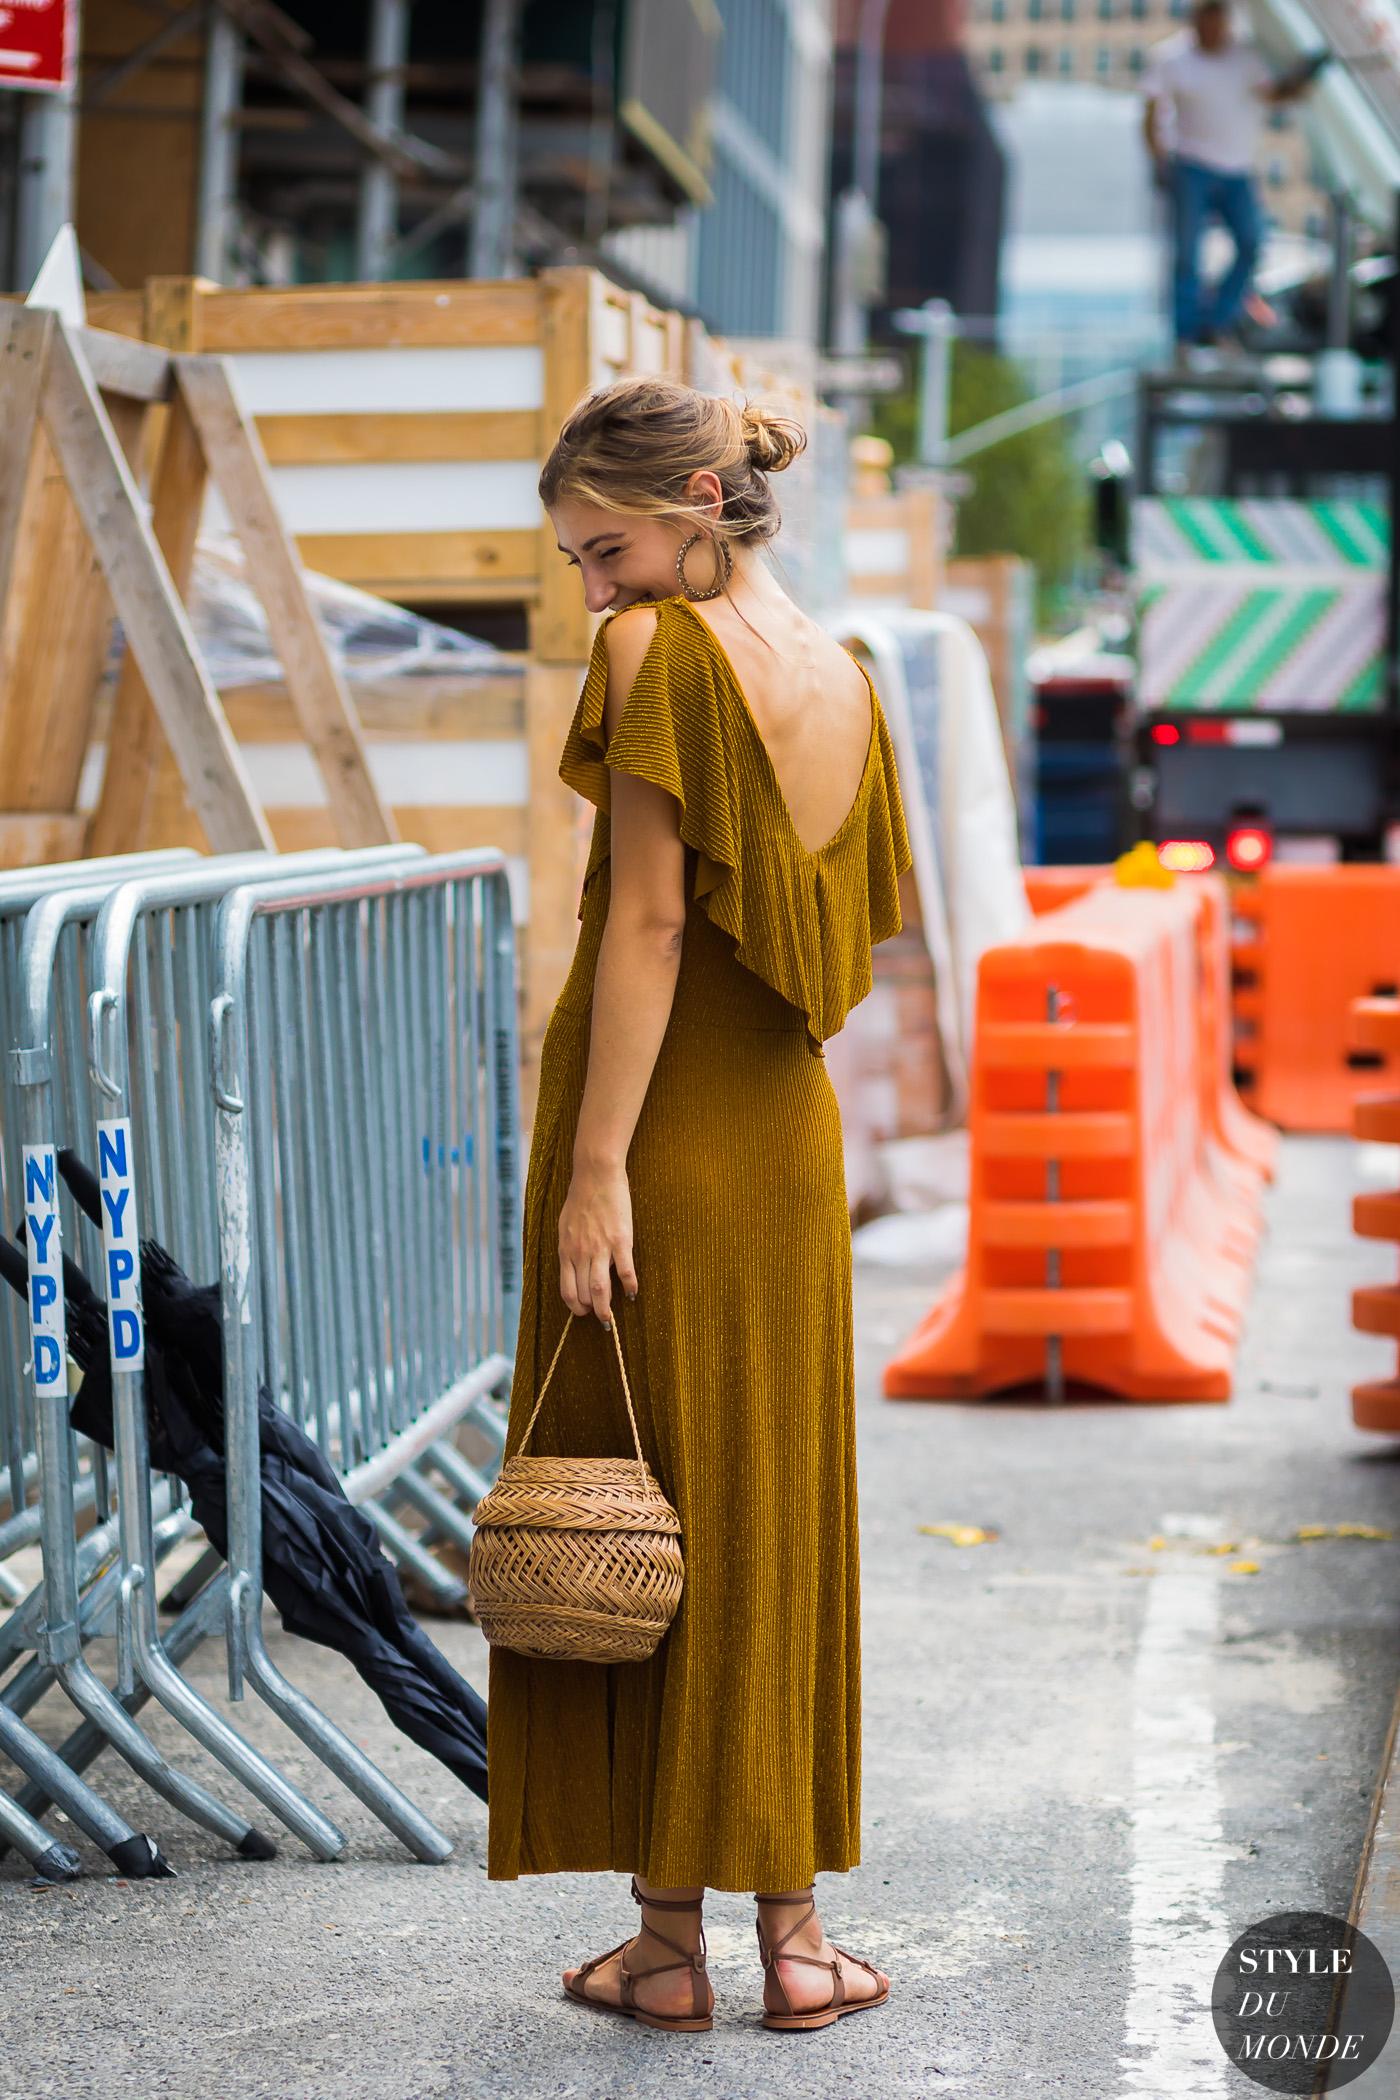 Jenny Walton diện đầm vàng mustard cùng túi xách đan và sandal